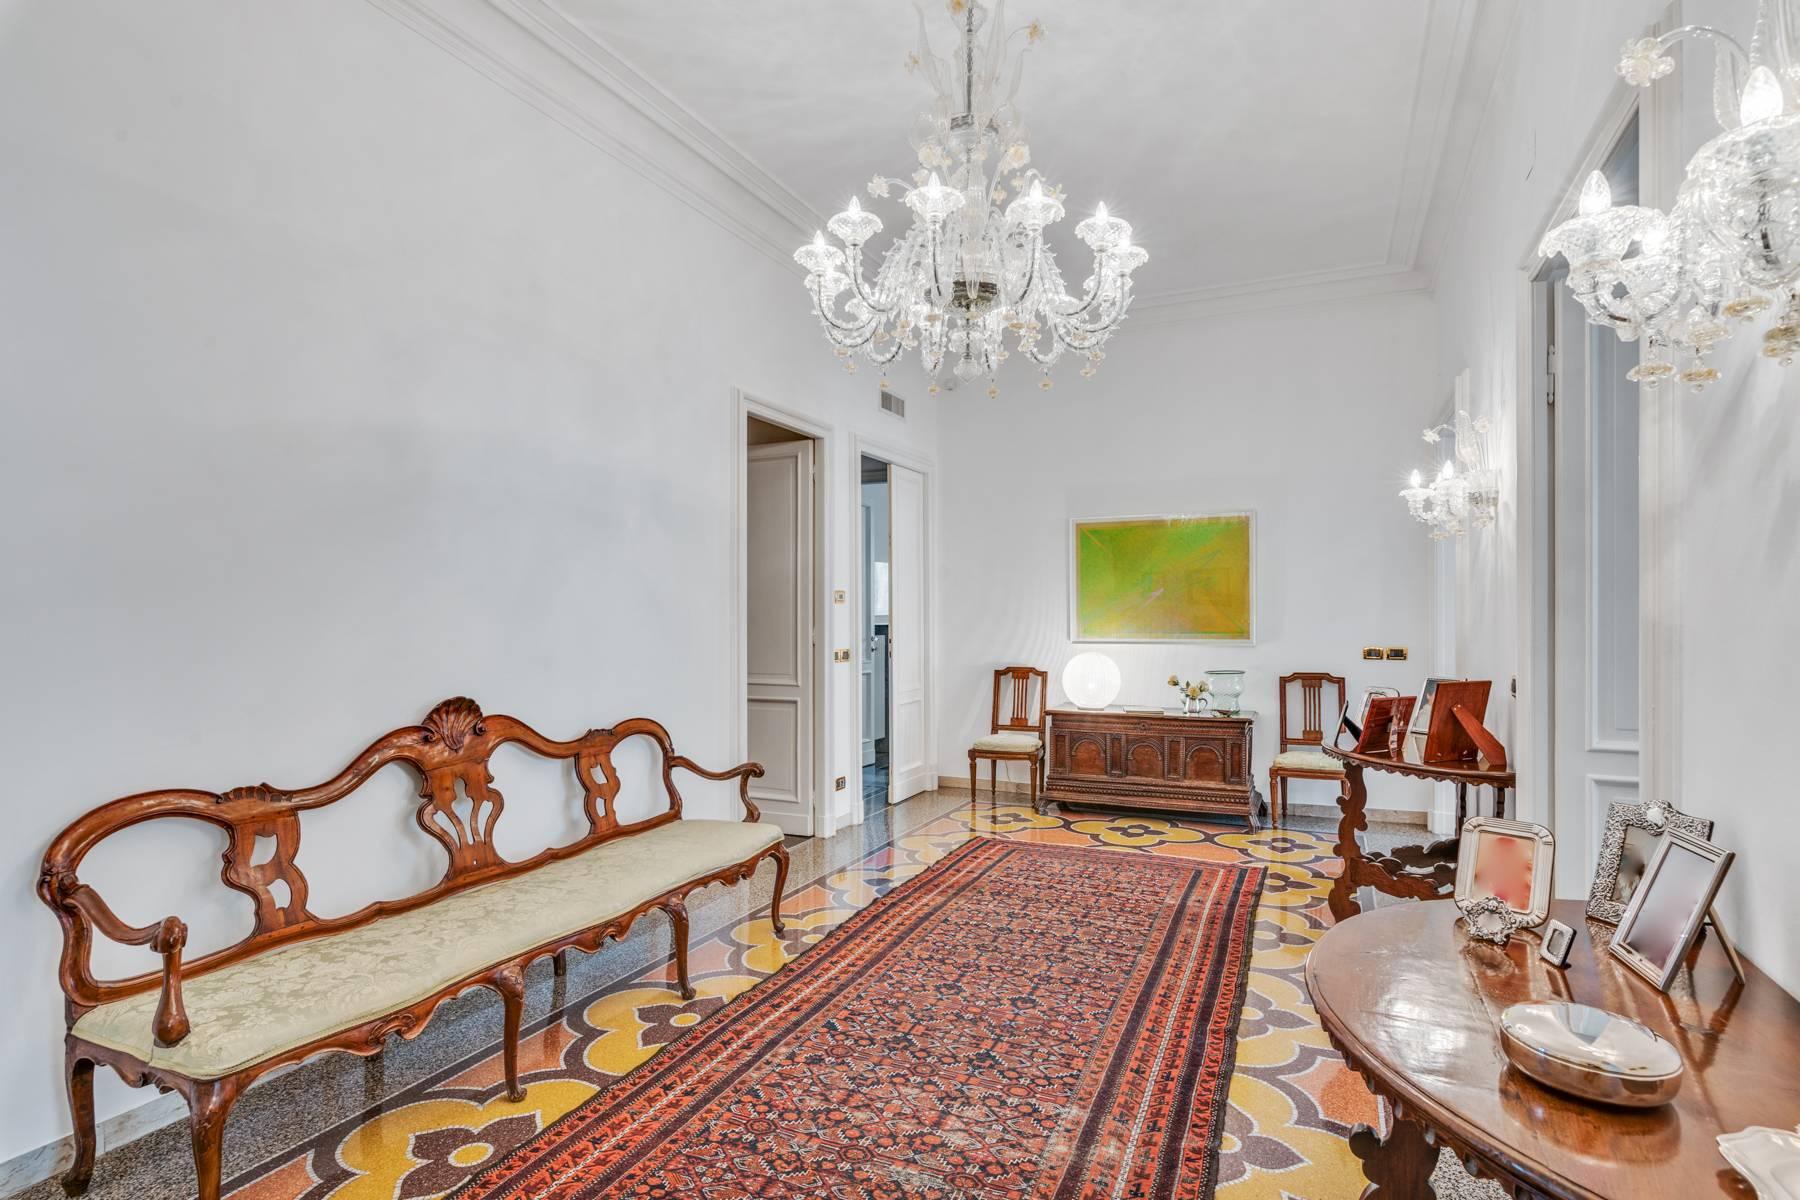 Elegante 275 qm Wohnung im antiken Palast in Carignano - 27